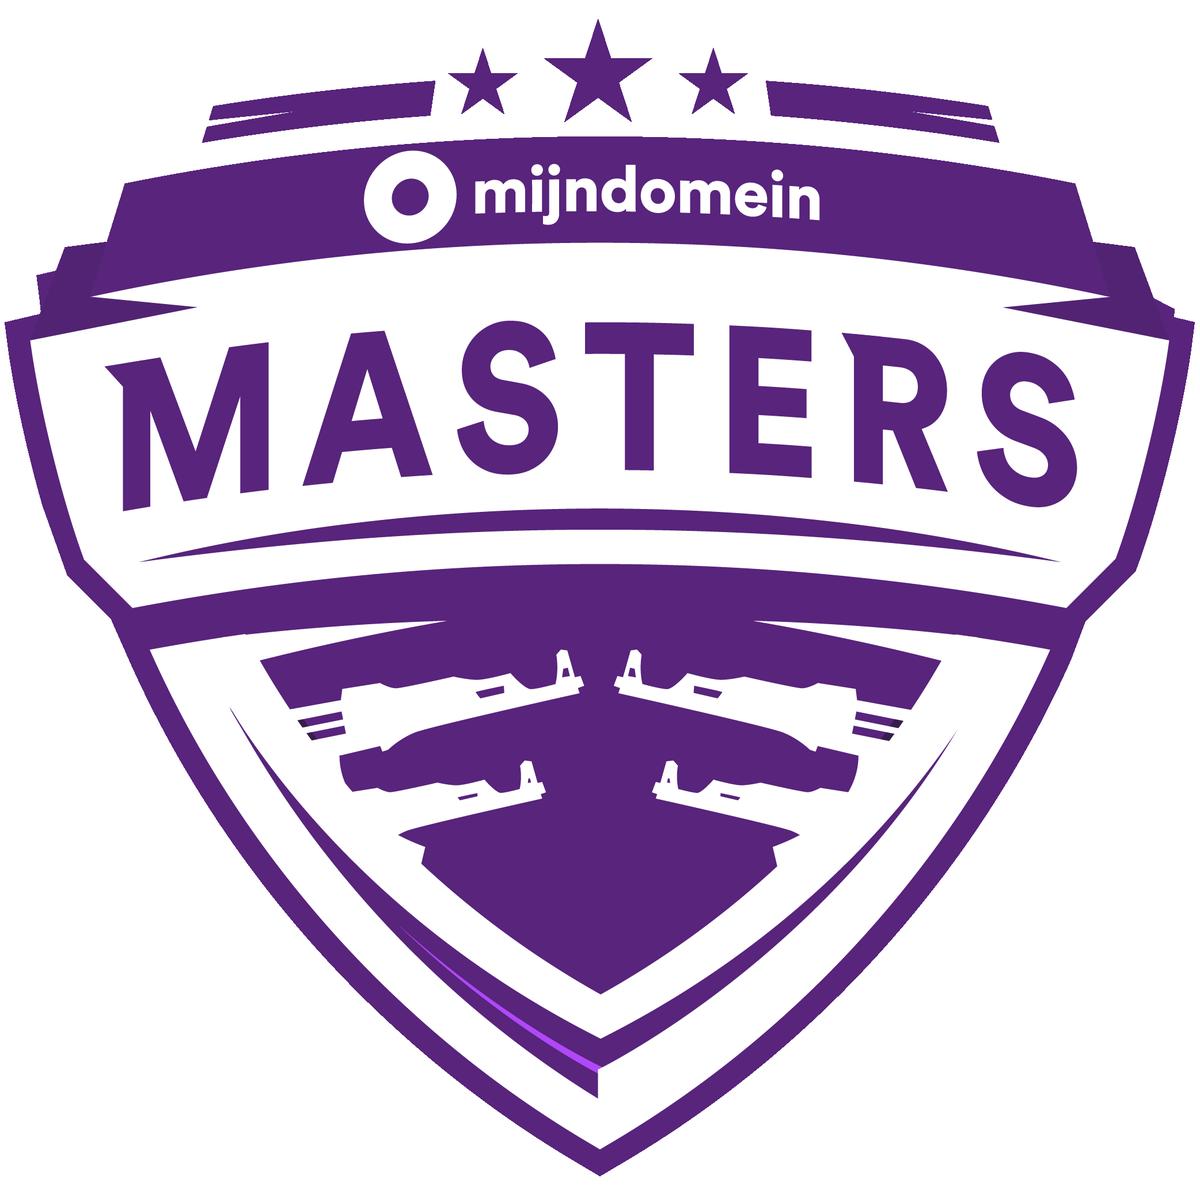 Na het succesvolle eerste seizoen van de Mijndomein Masters, zijn nu de inschrijvingen open! Dit seizoen met een prijzenpot van €7.500!  Lees hier meer: https://masters.mijndomein.nl/tips/seizoen-2-van-de-mijndomein-masters/… Of schrijf je meteen in: https://masters.mijndomein.nl/inschrijven/ #mijndomein #mijndomeinmasters #insideesports